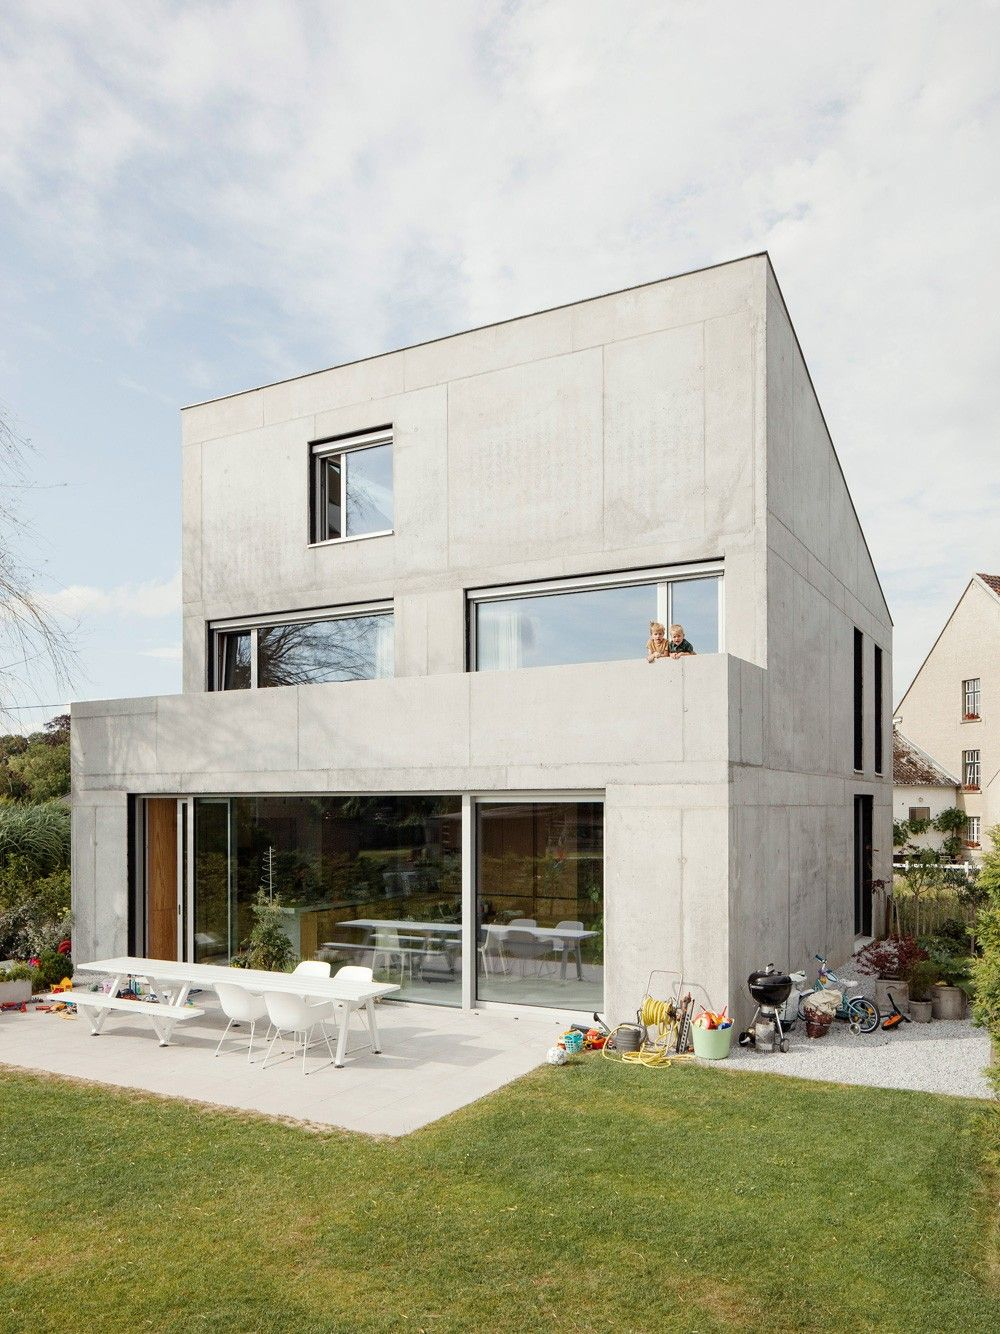 TDH House en Belgique par le studio i.s.m.architecten